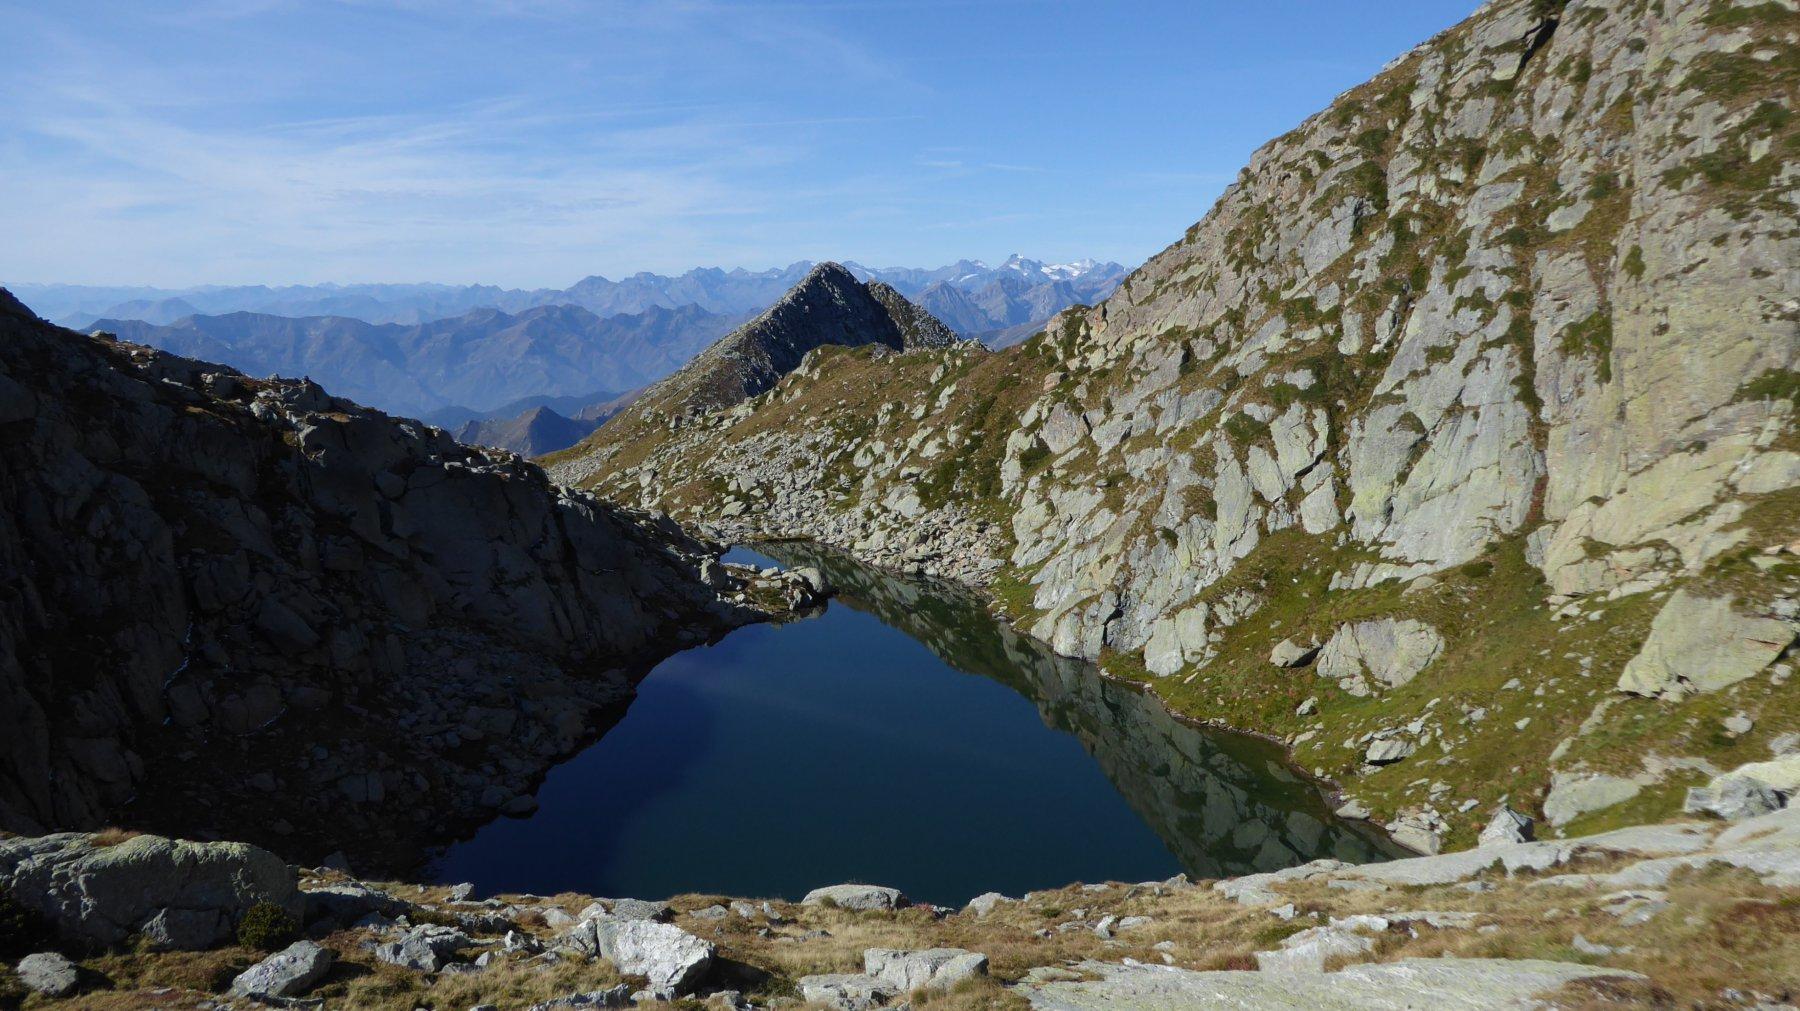 Lago superiore di Canaussa, verso la pianura